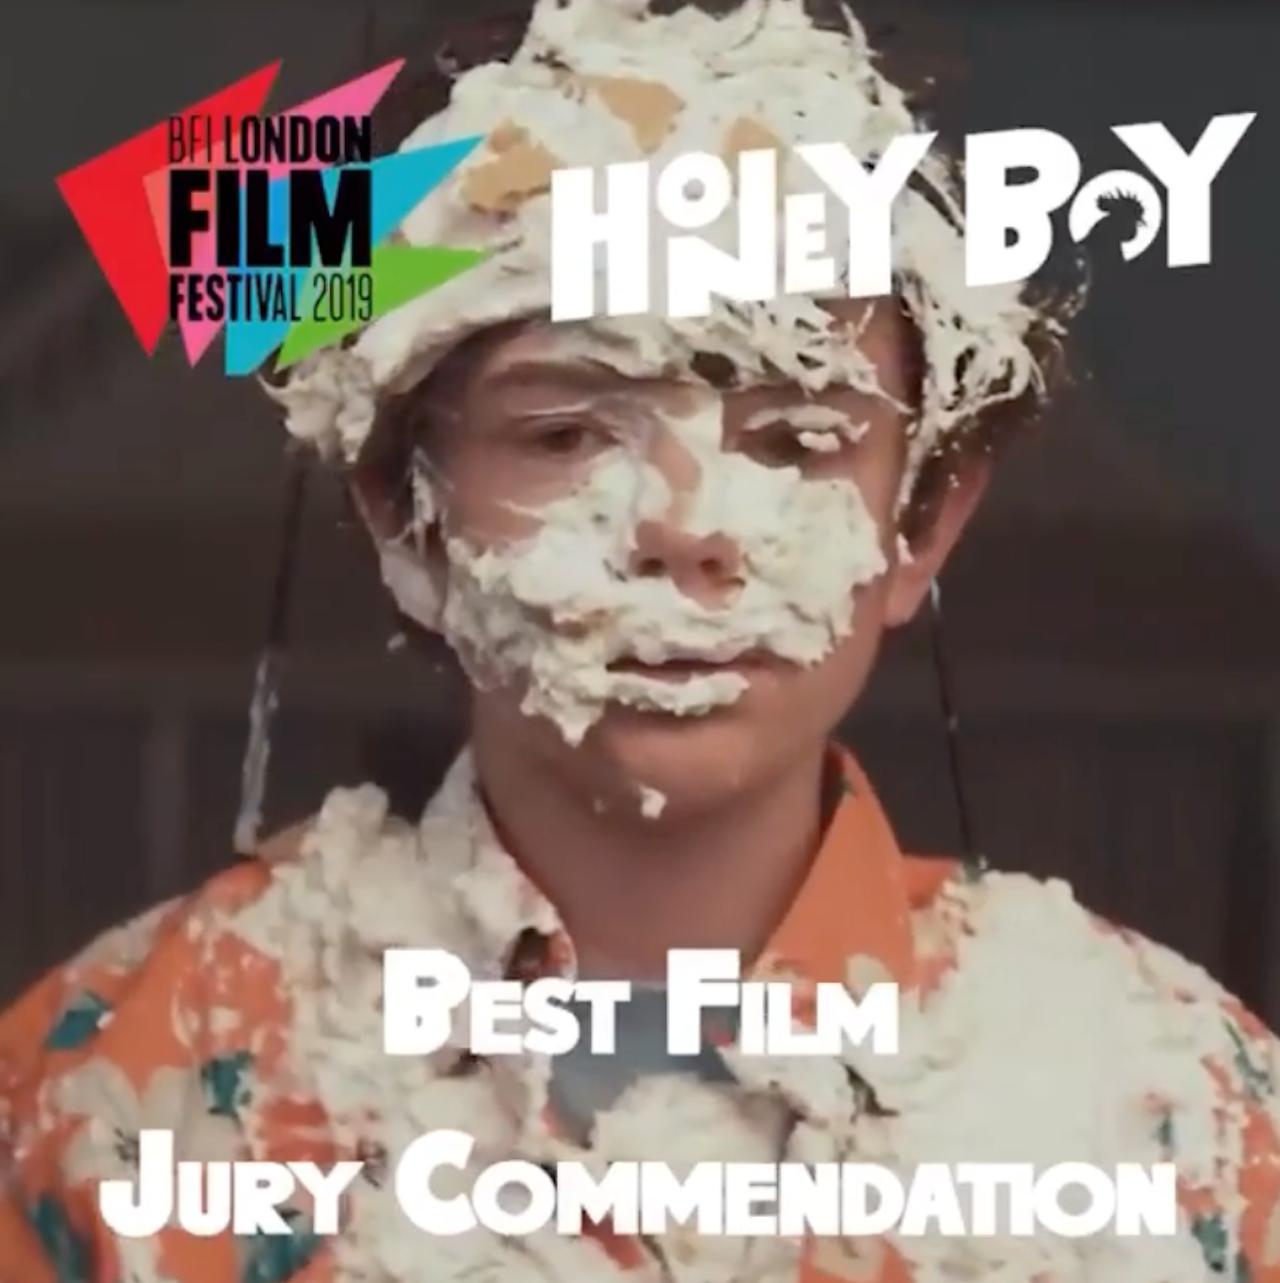 London Film Festival Jury Commendation for Alma's 'Honey Boy'!